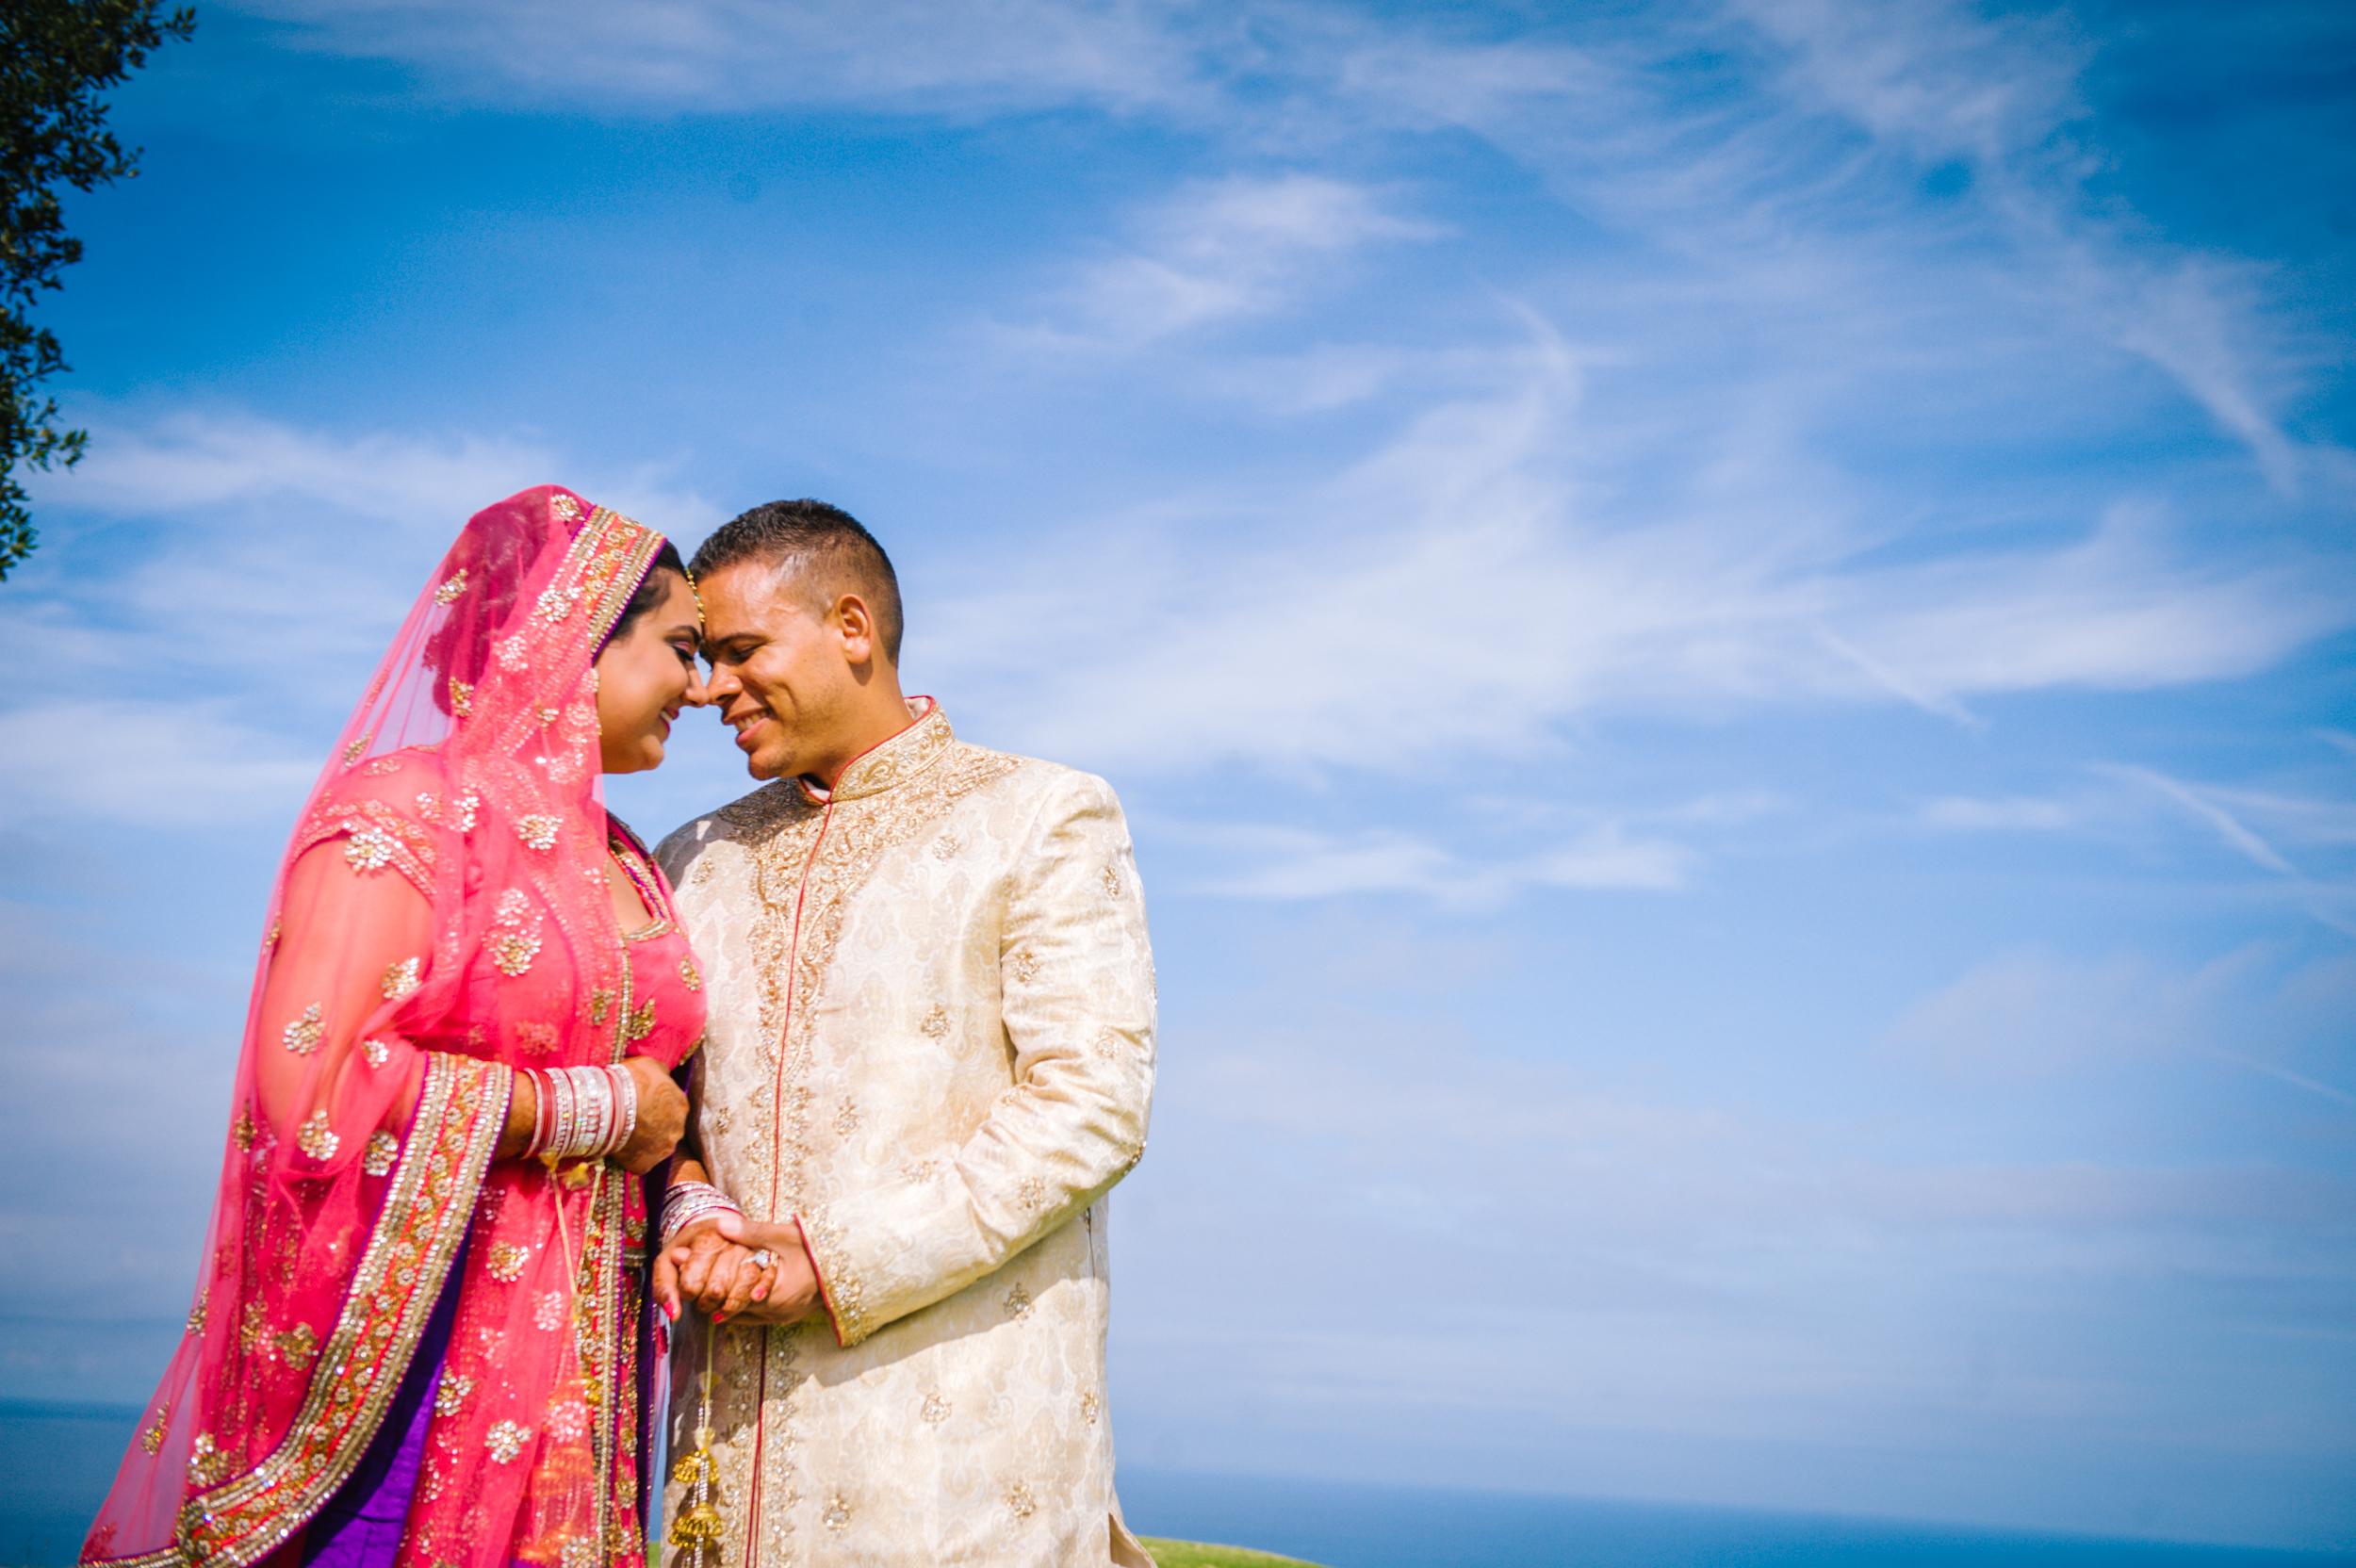 JKP_Indian_Weddings_0028.JPG